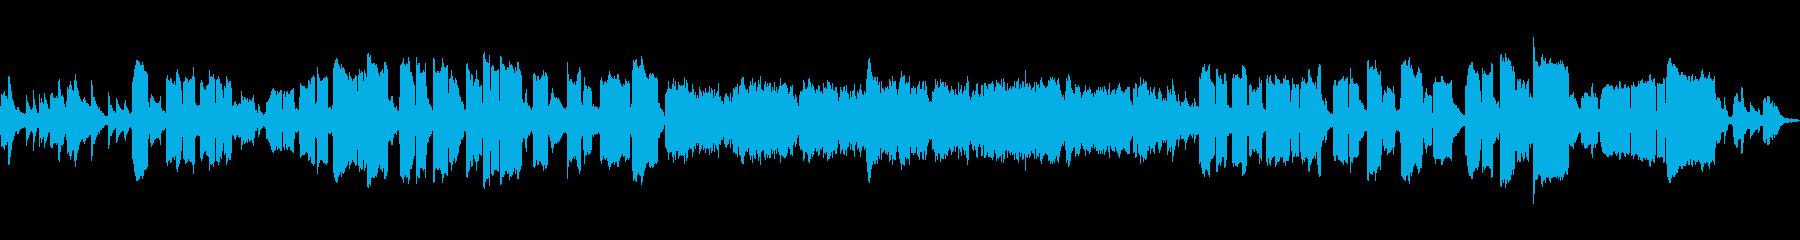 しんみりした感じの生リコーダーソロ曲の再生済みの波形